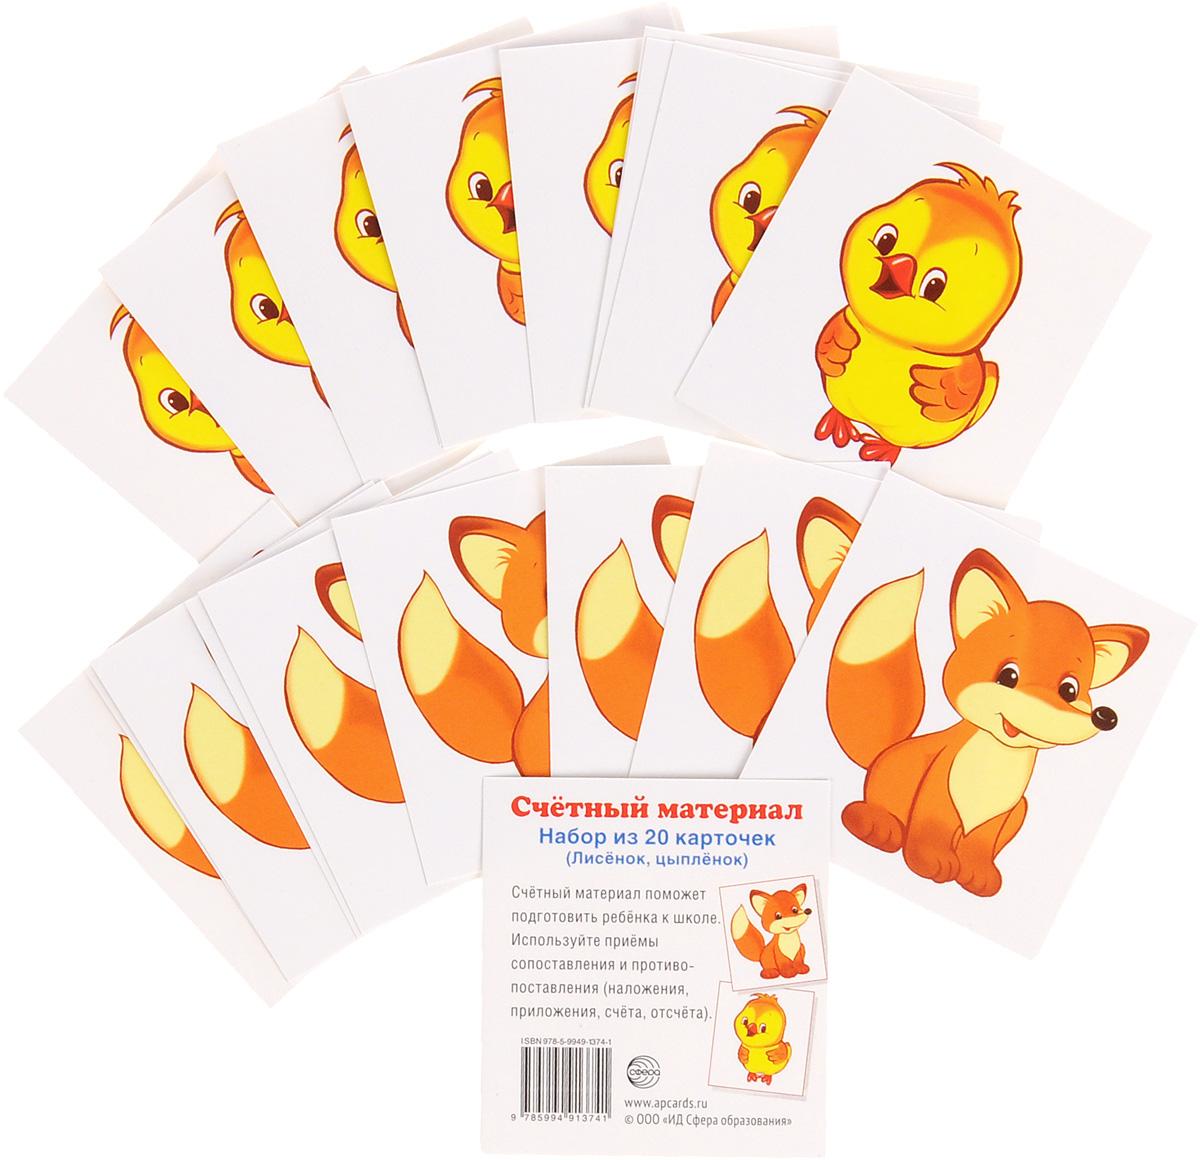 Счетный материал. Набор из 20 карточек (лисенок, цыпленок) ( 978-5-9949-1374-1 )